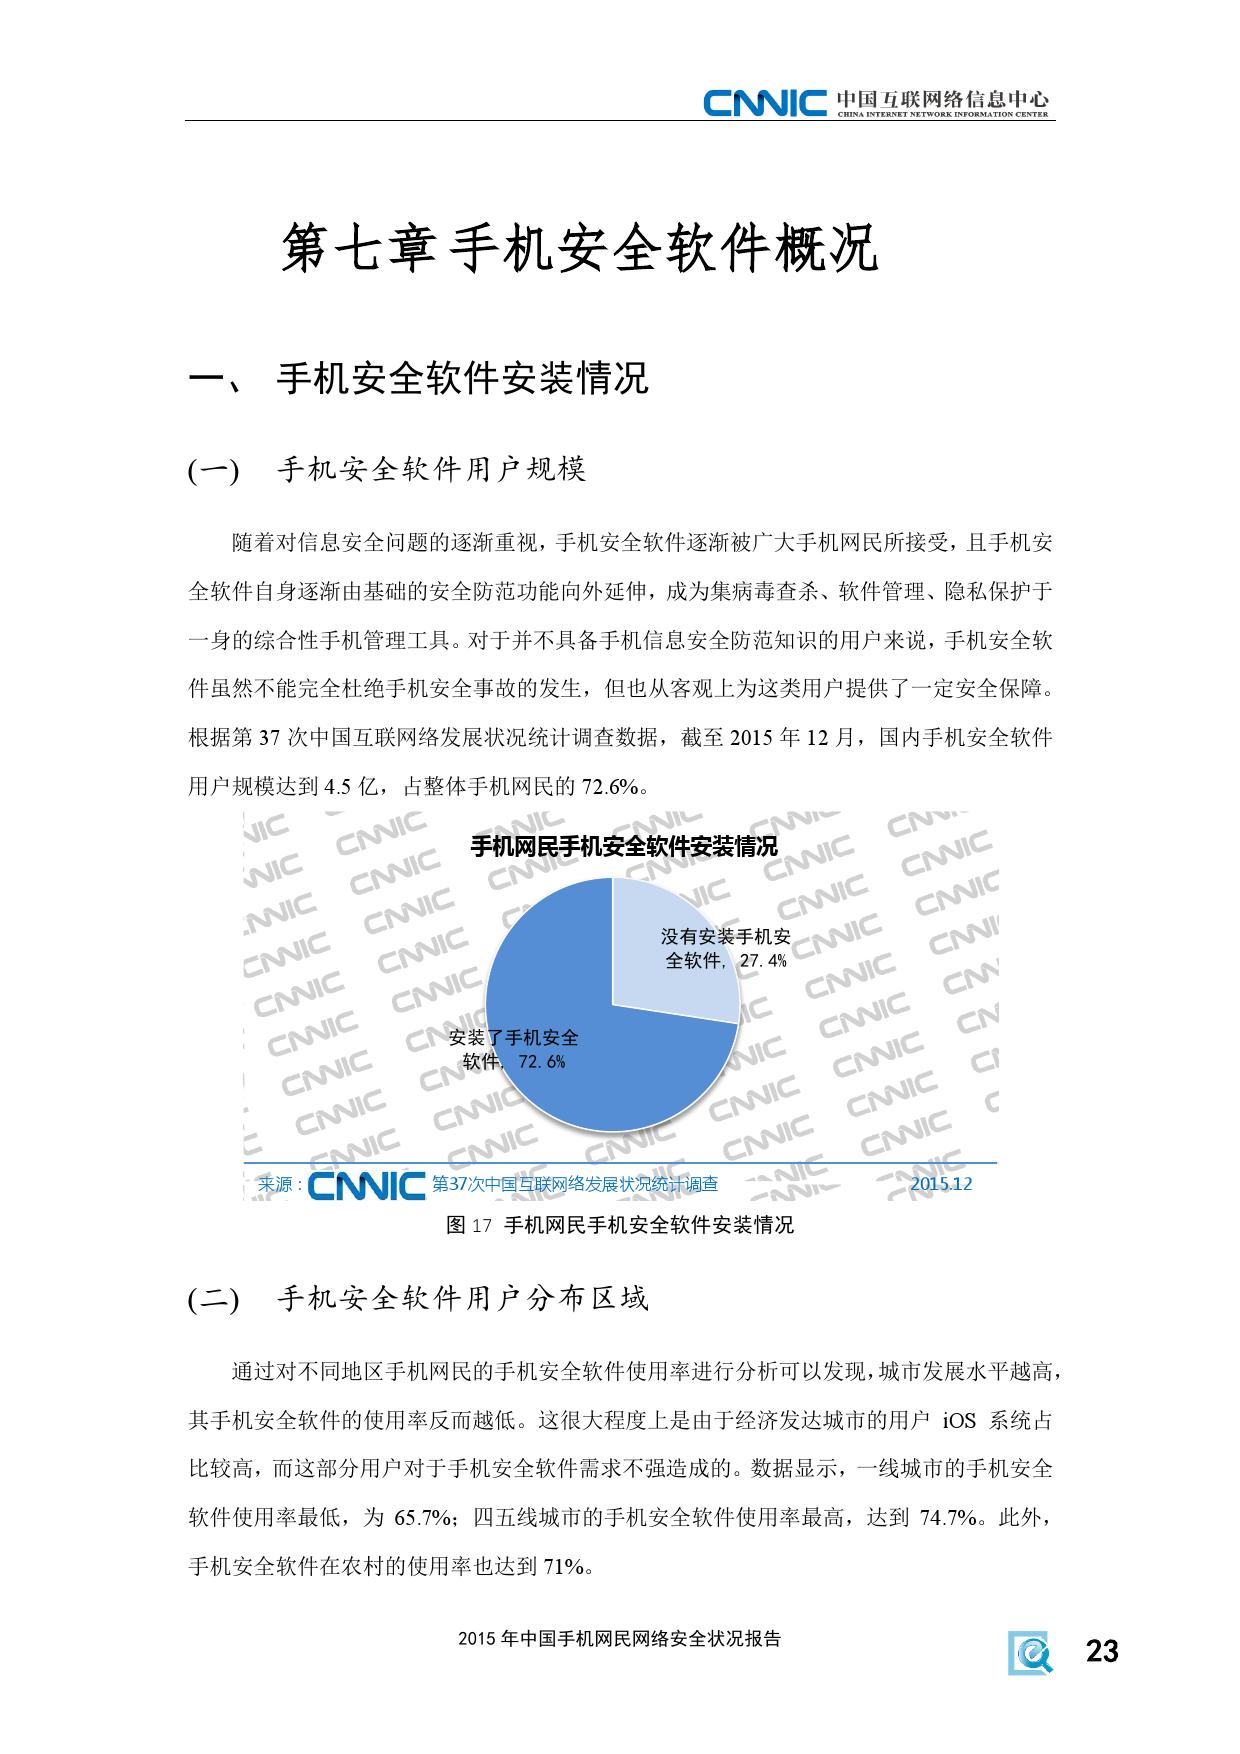 2015年中国手机网民网络安全状况报告_000029